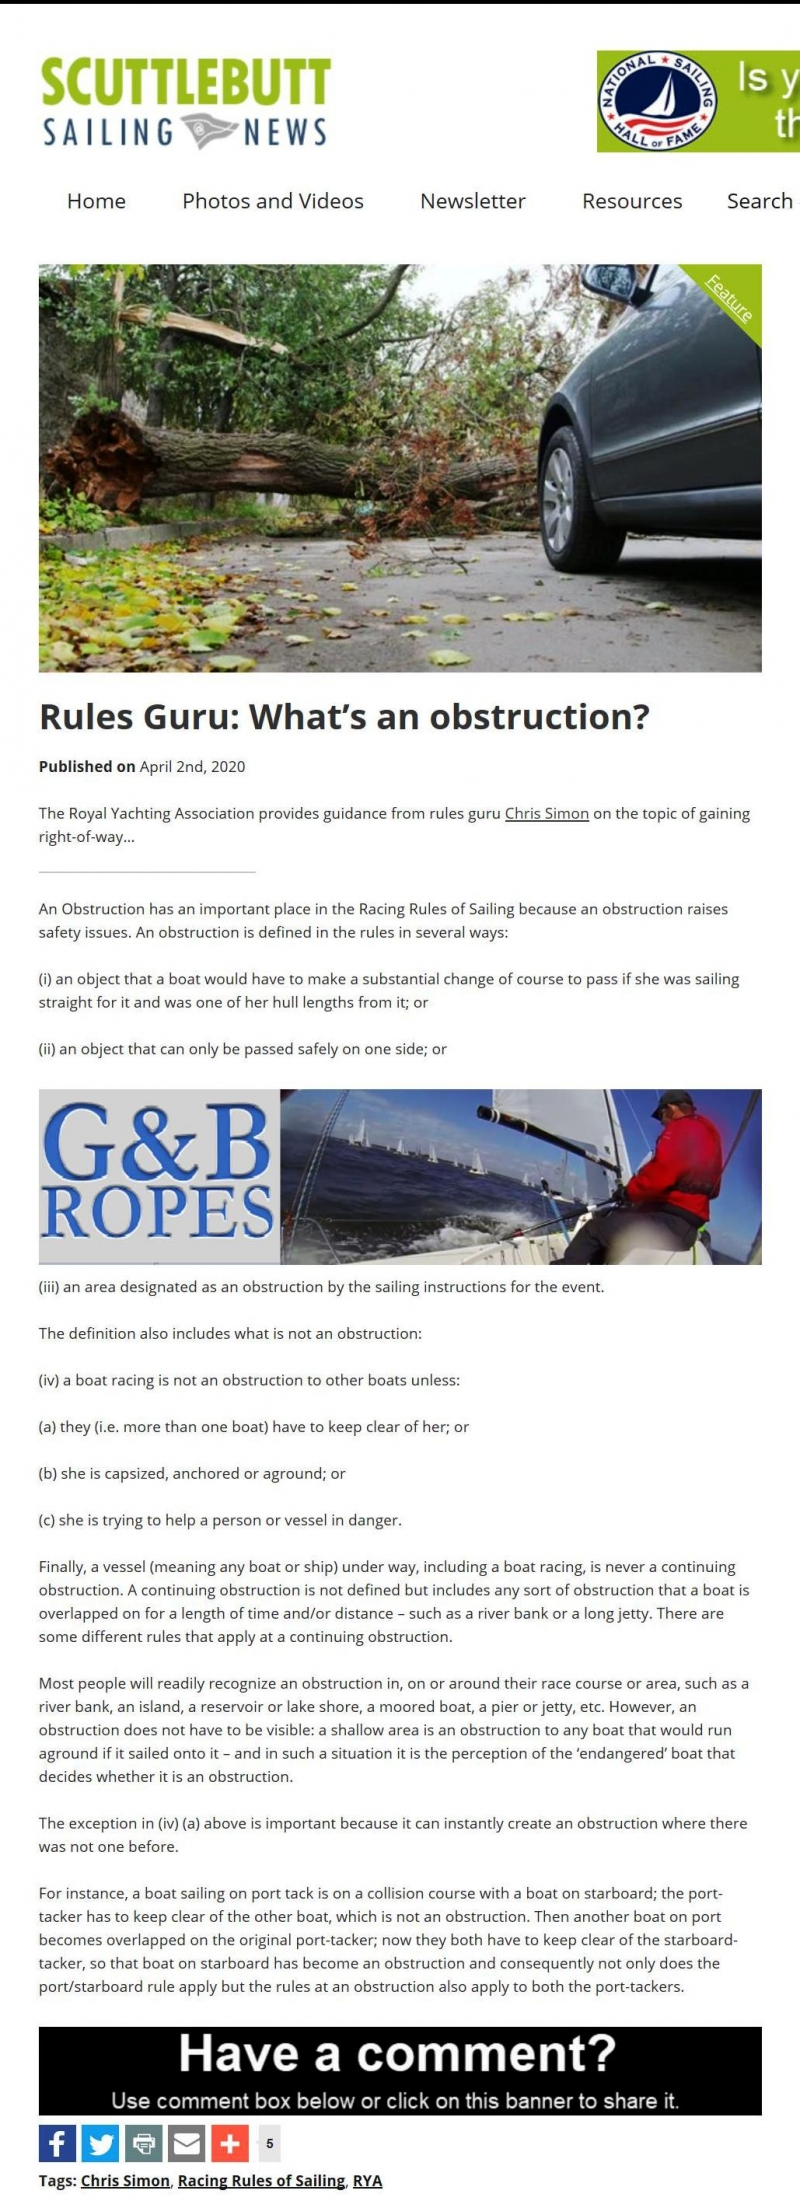 Rulesguru_whatsanobstruction_scuttlebutt